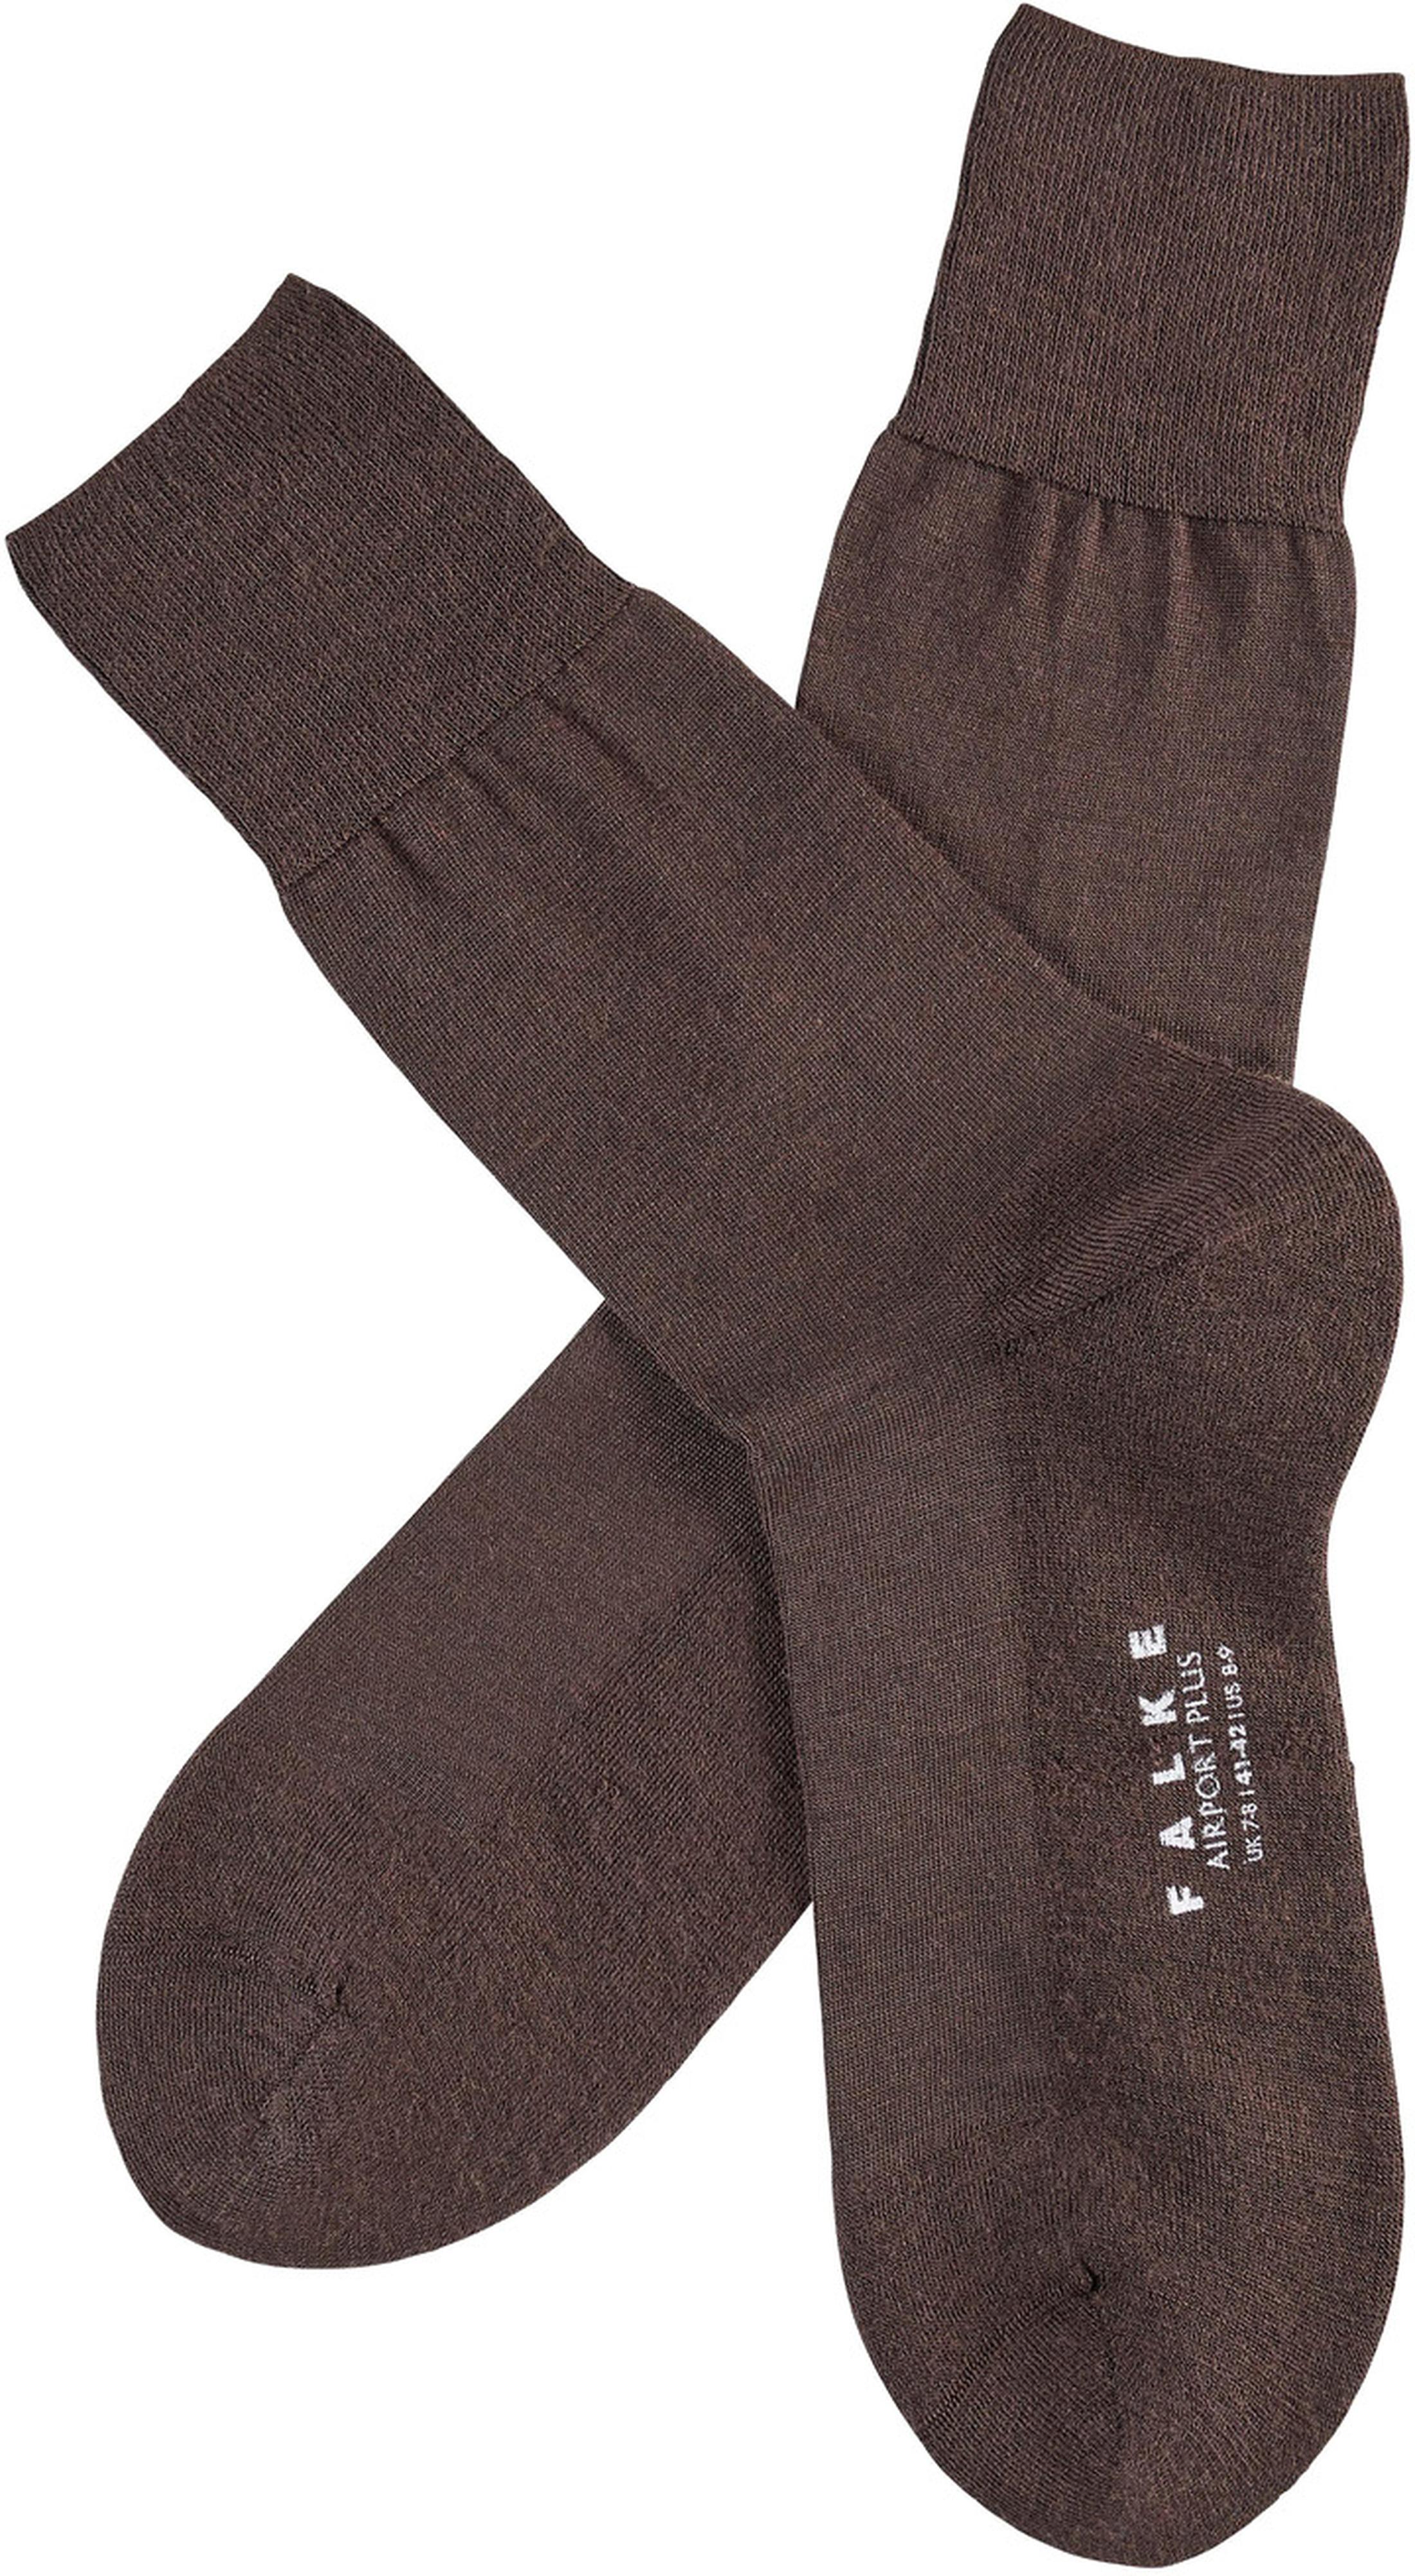 Falke Airport PLUS Socks Brown 5930